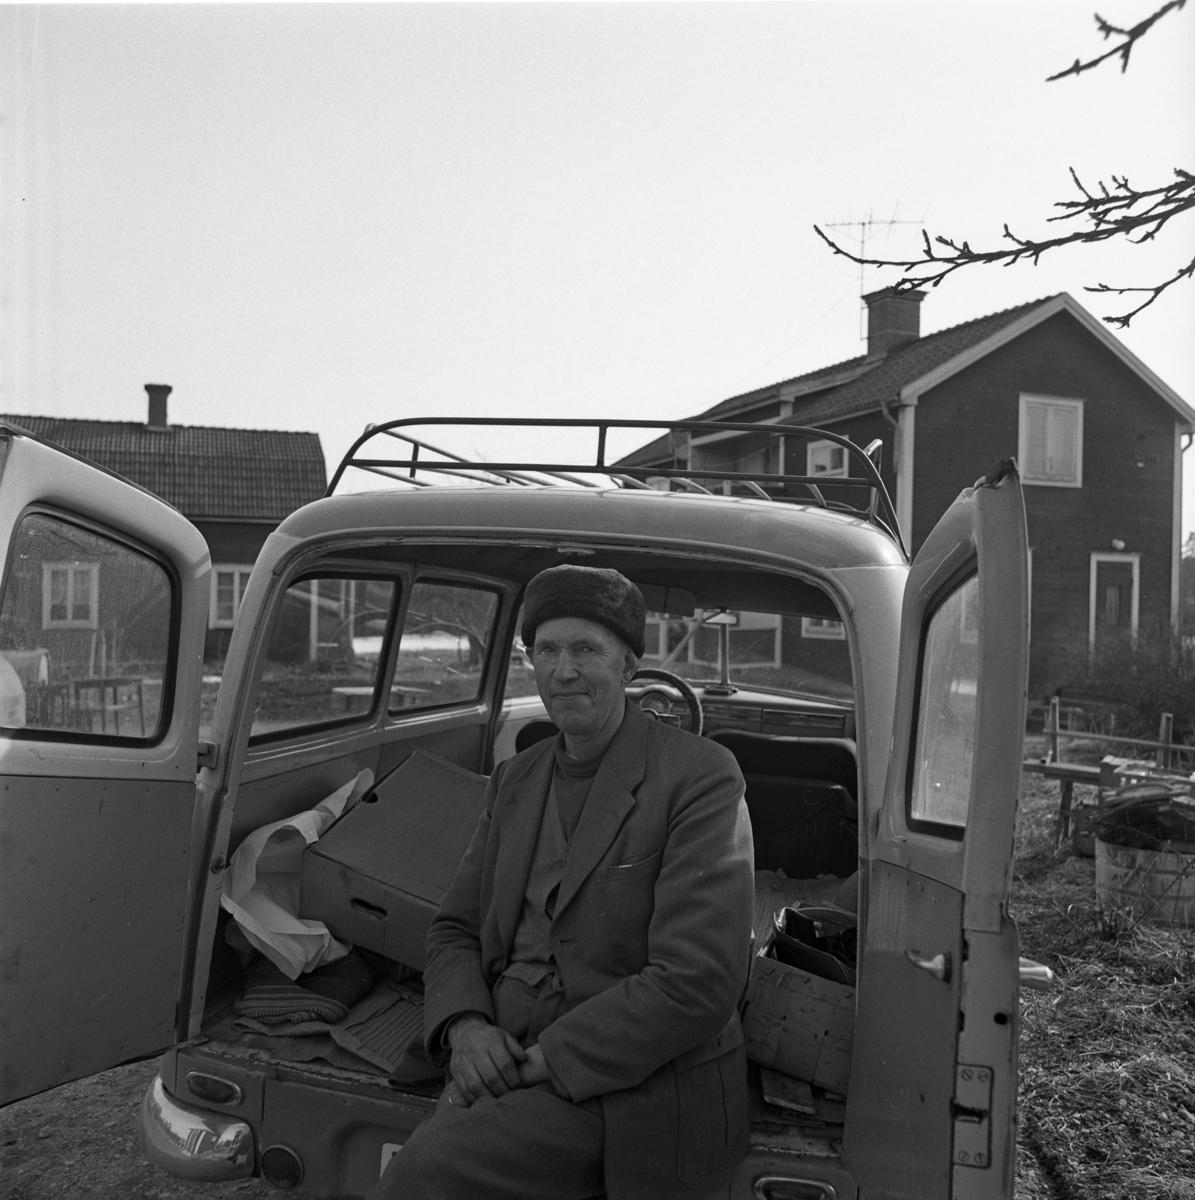 Tore Andersson i Mossen. Han sitter i bakluckan på sin Amazon kombi och har en krimmelmössa på sig. Bakom bilen ses två boningshus.